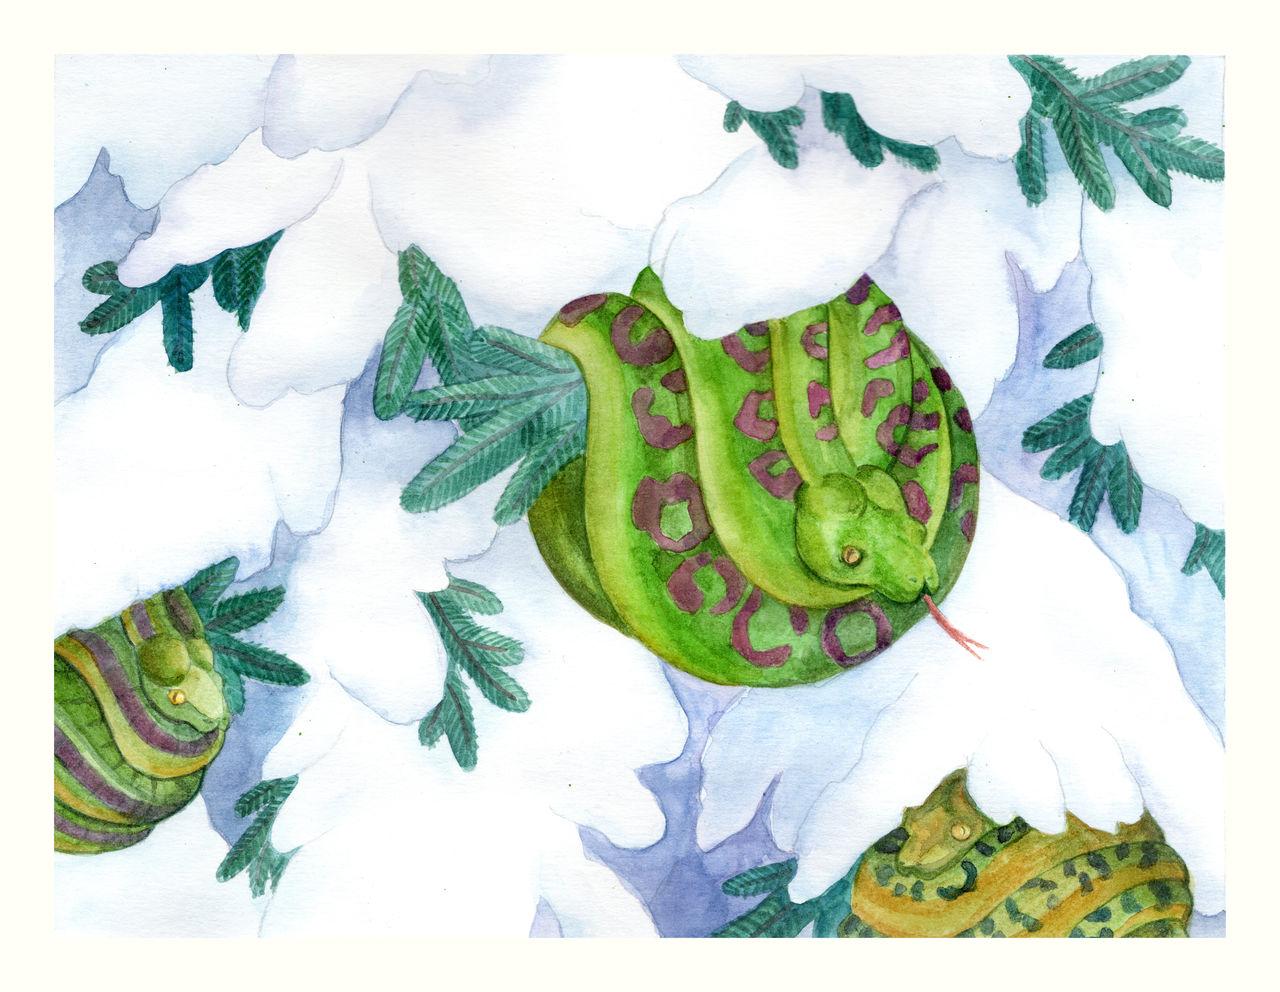 Weihnachtskarte Schlange II - Winter, Weihnachten, Schmuck, Kugel ...